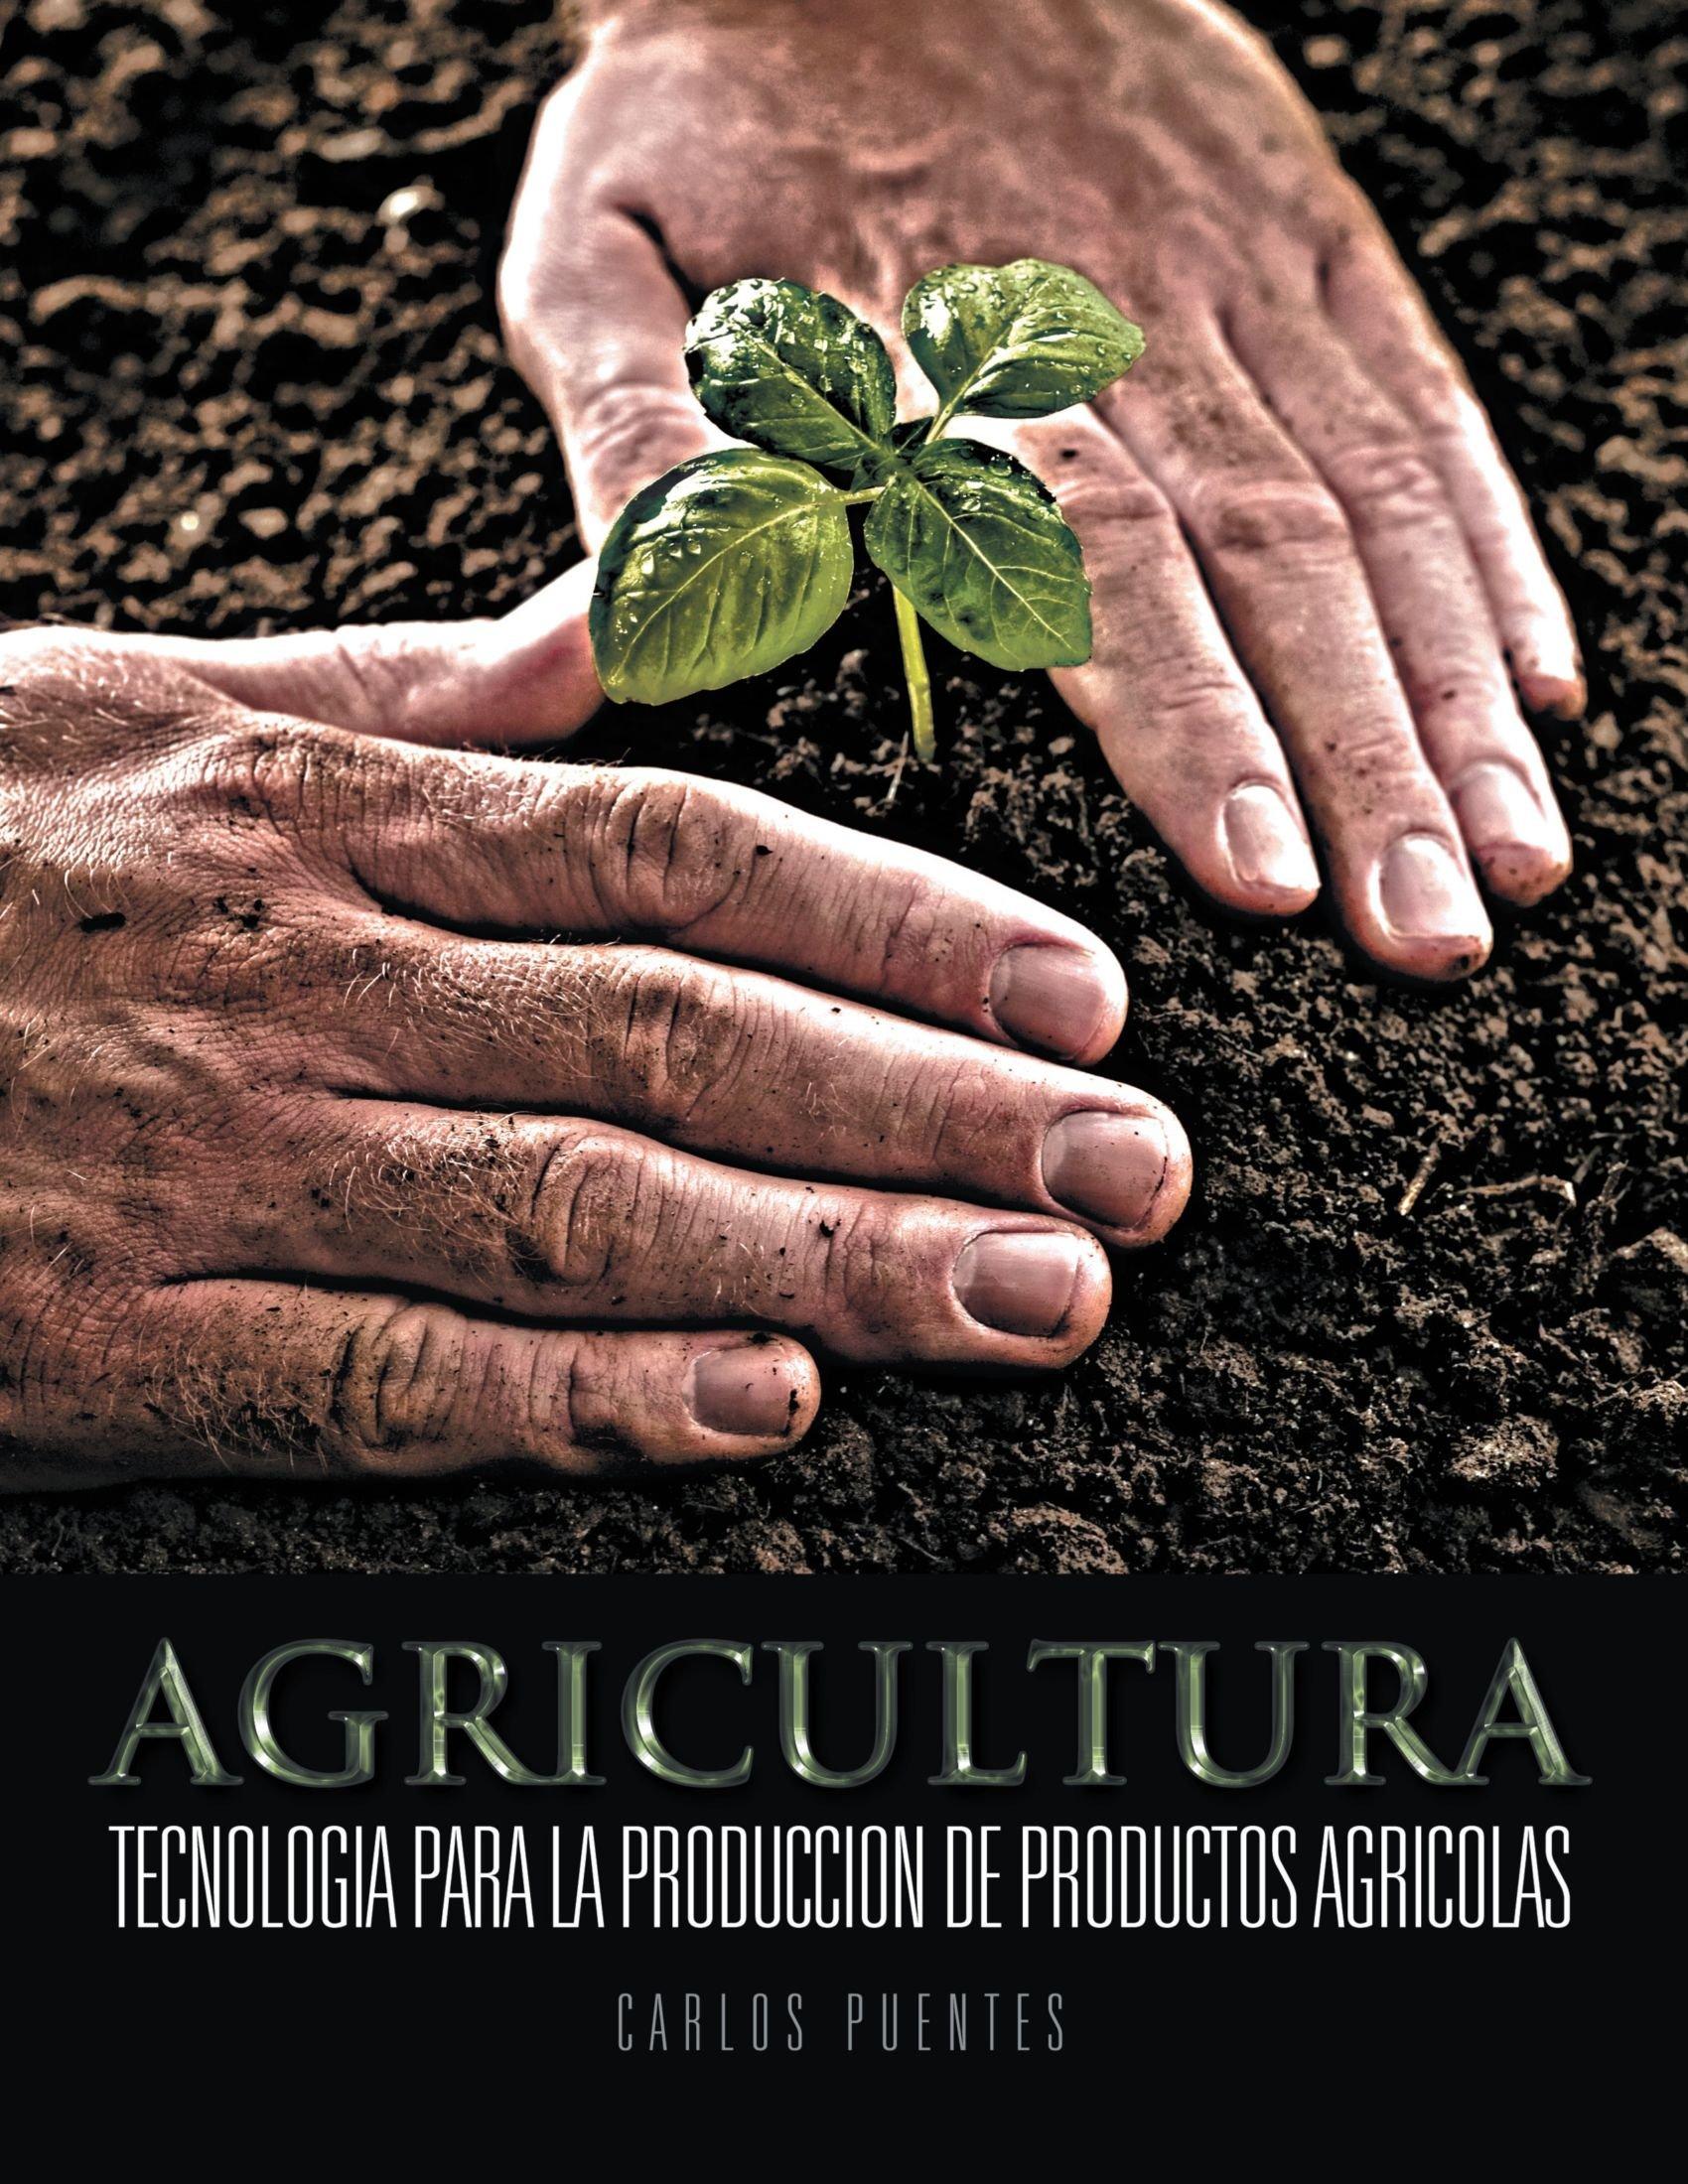 Agricultura: Tecnologia Para La Produccion De Productos Agricolas (Spanish Edition) by AuthorHouse (Image #1)